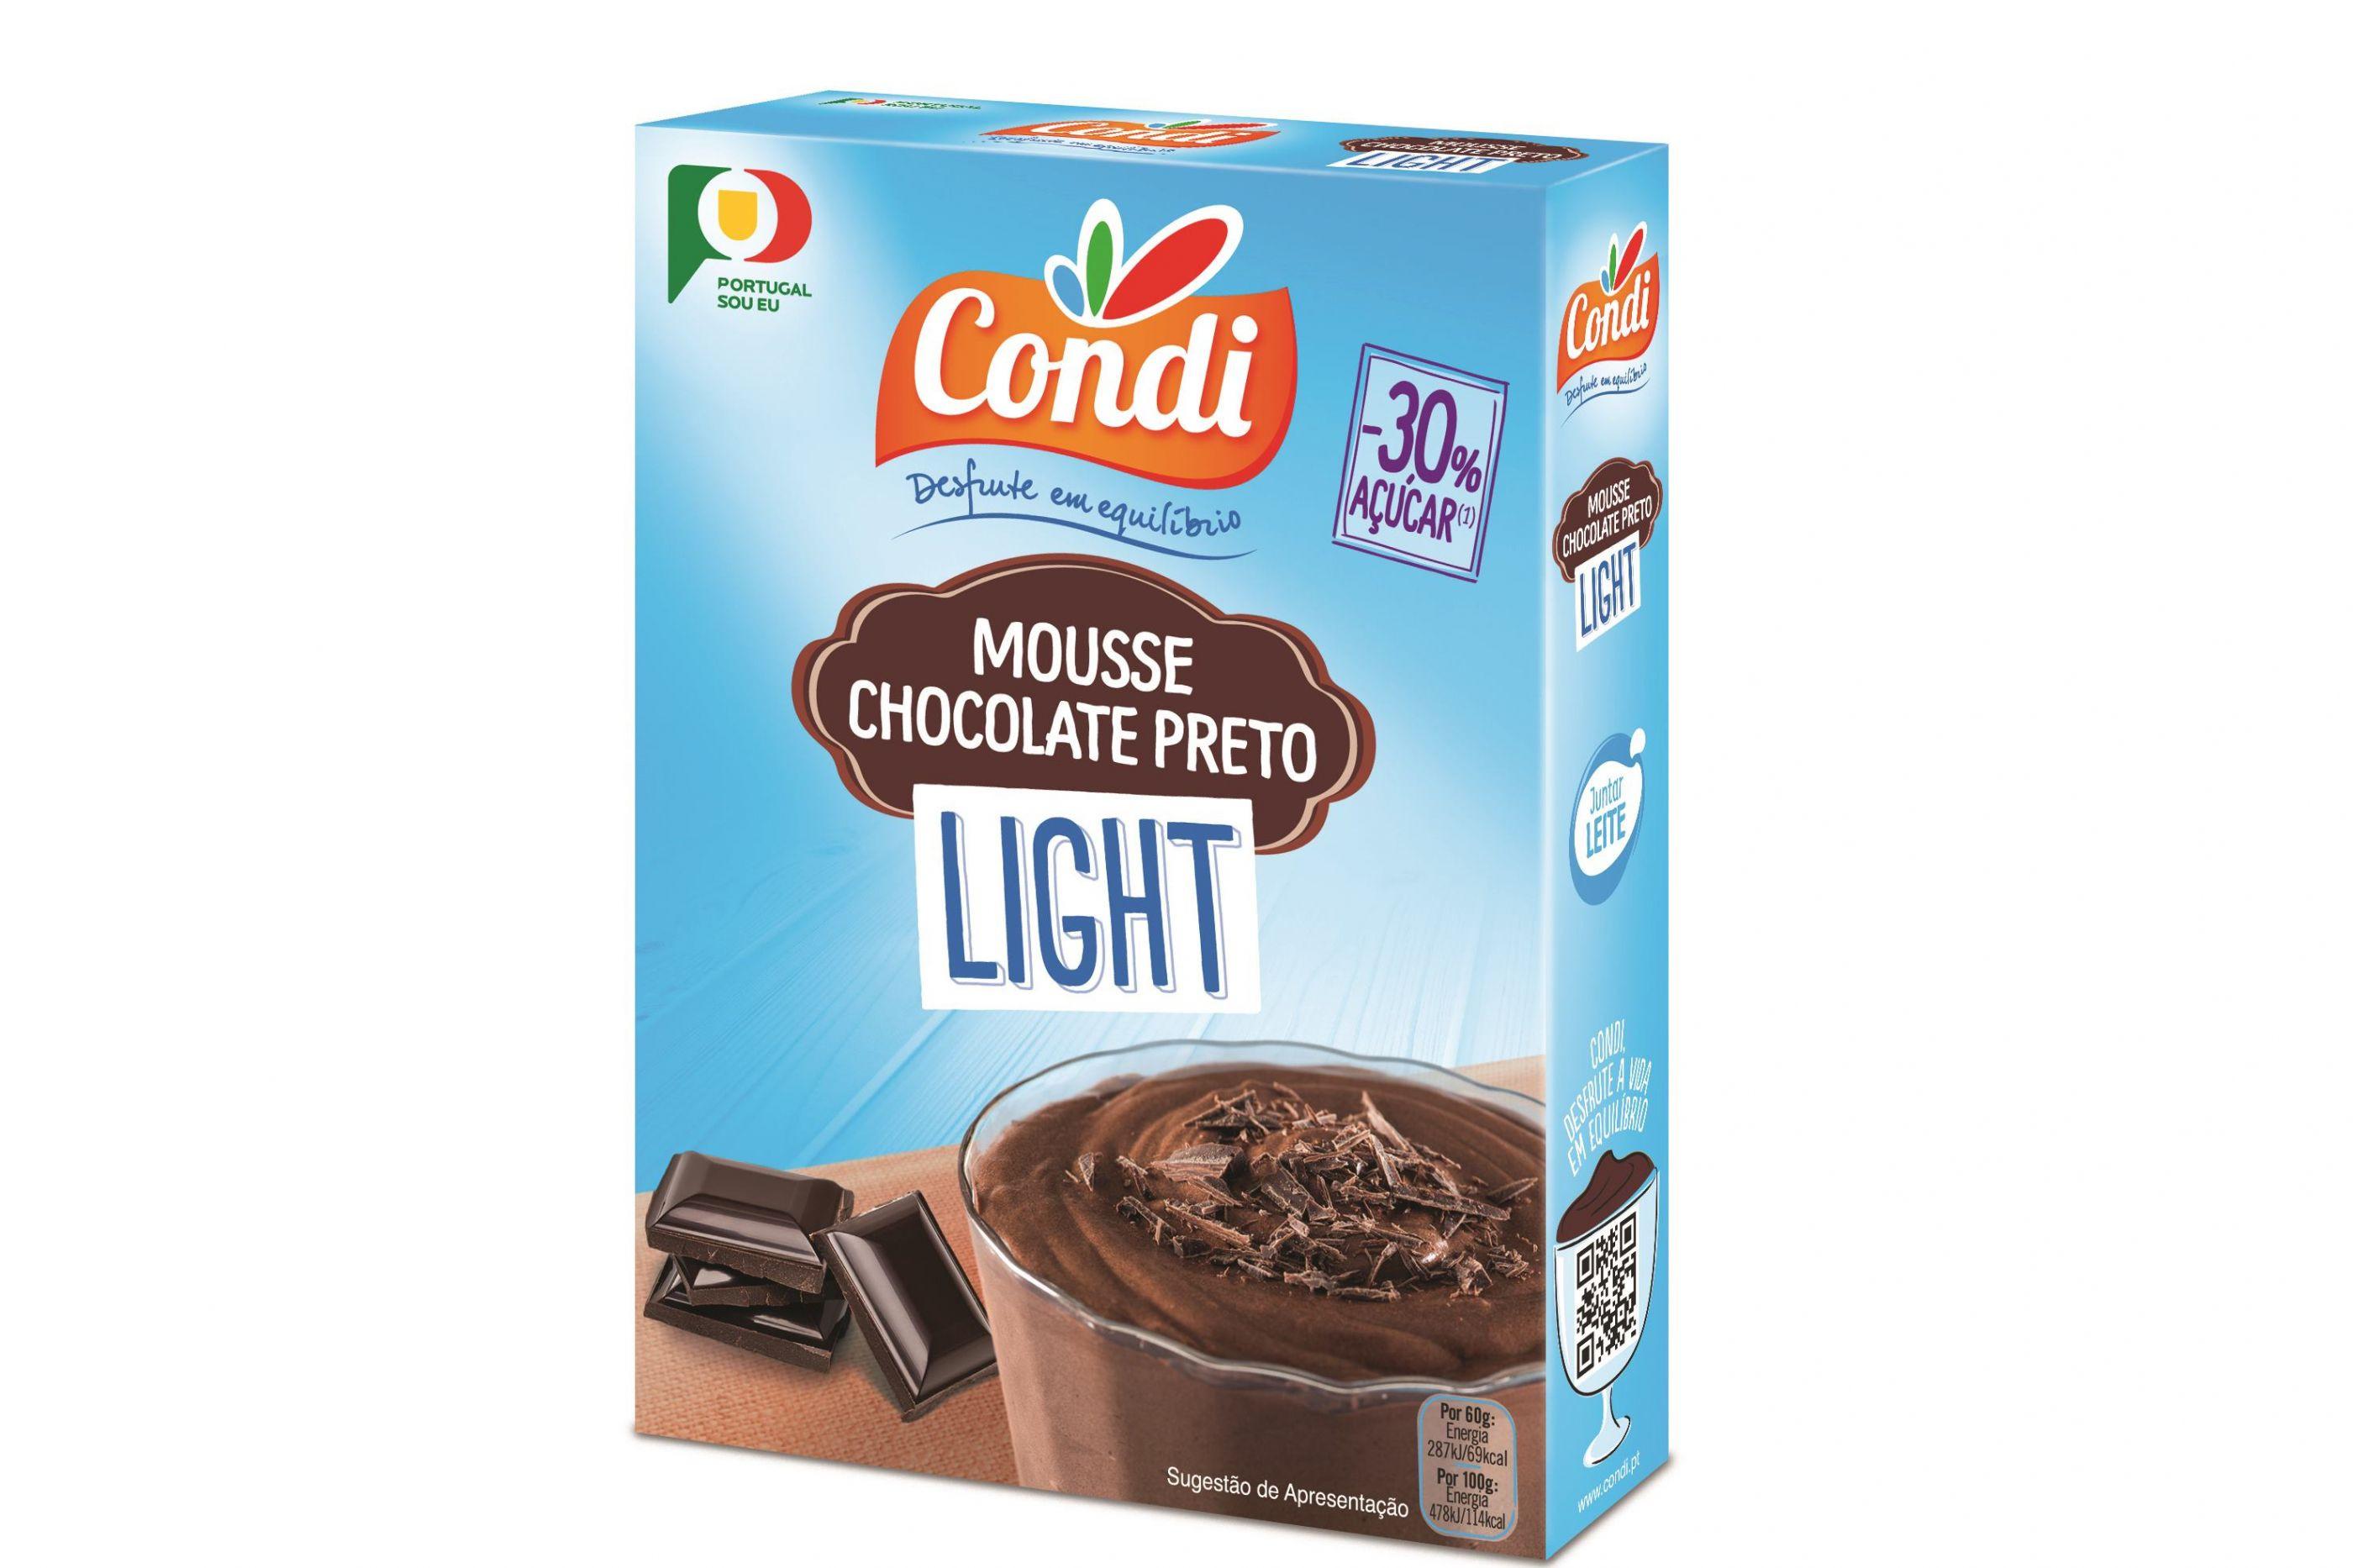 Condi inova com o lançamento da gama Mousses Light